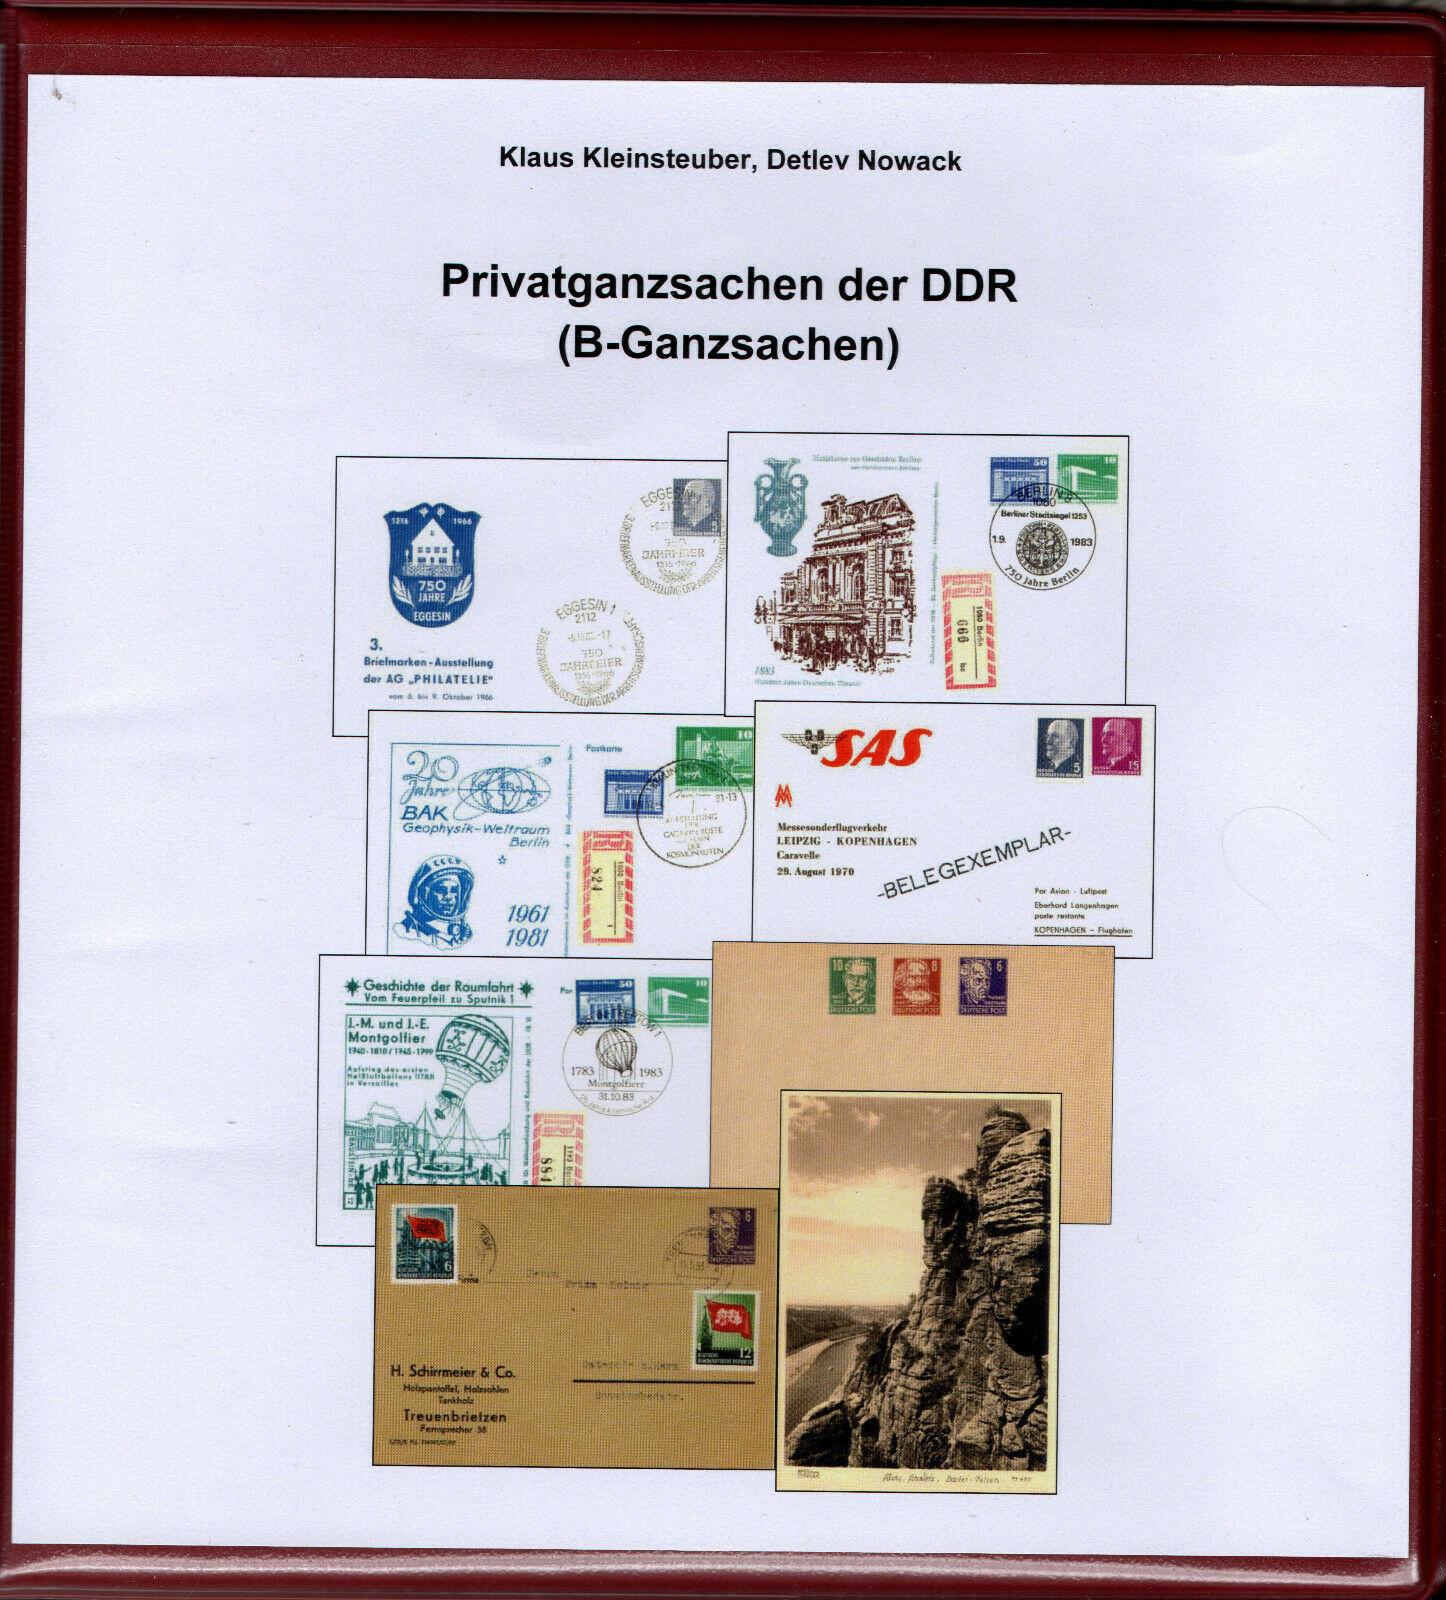 DDR Philatelie Literatur Ganzsachen Privatganzsachen